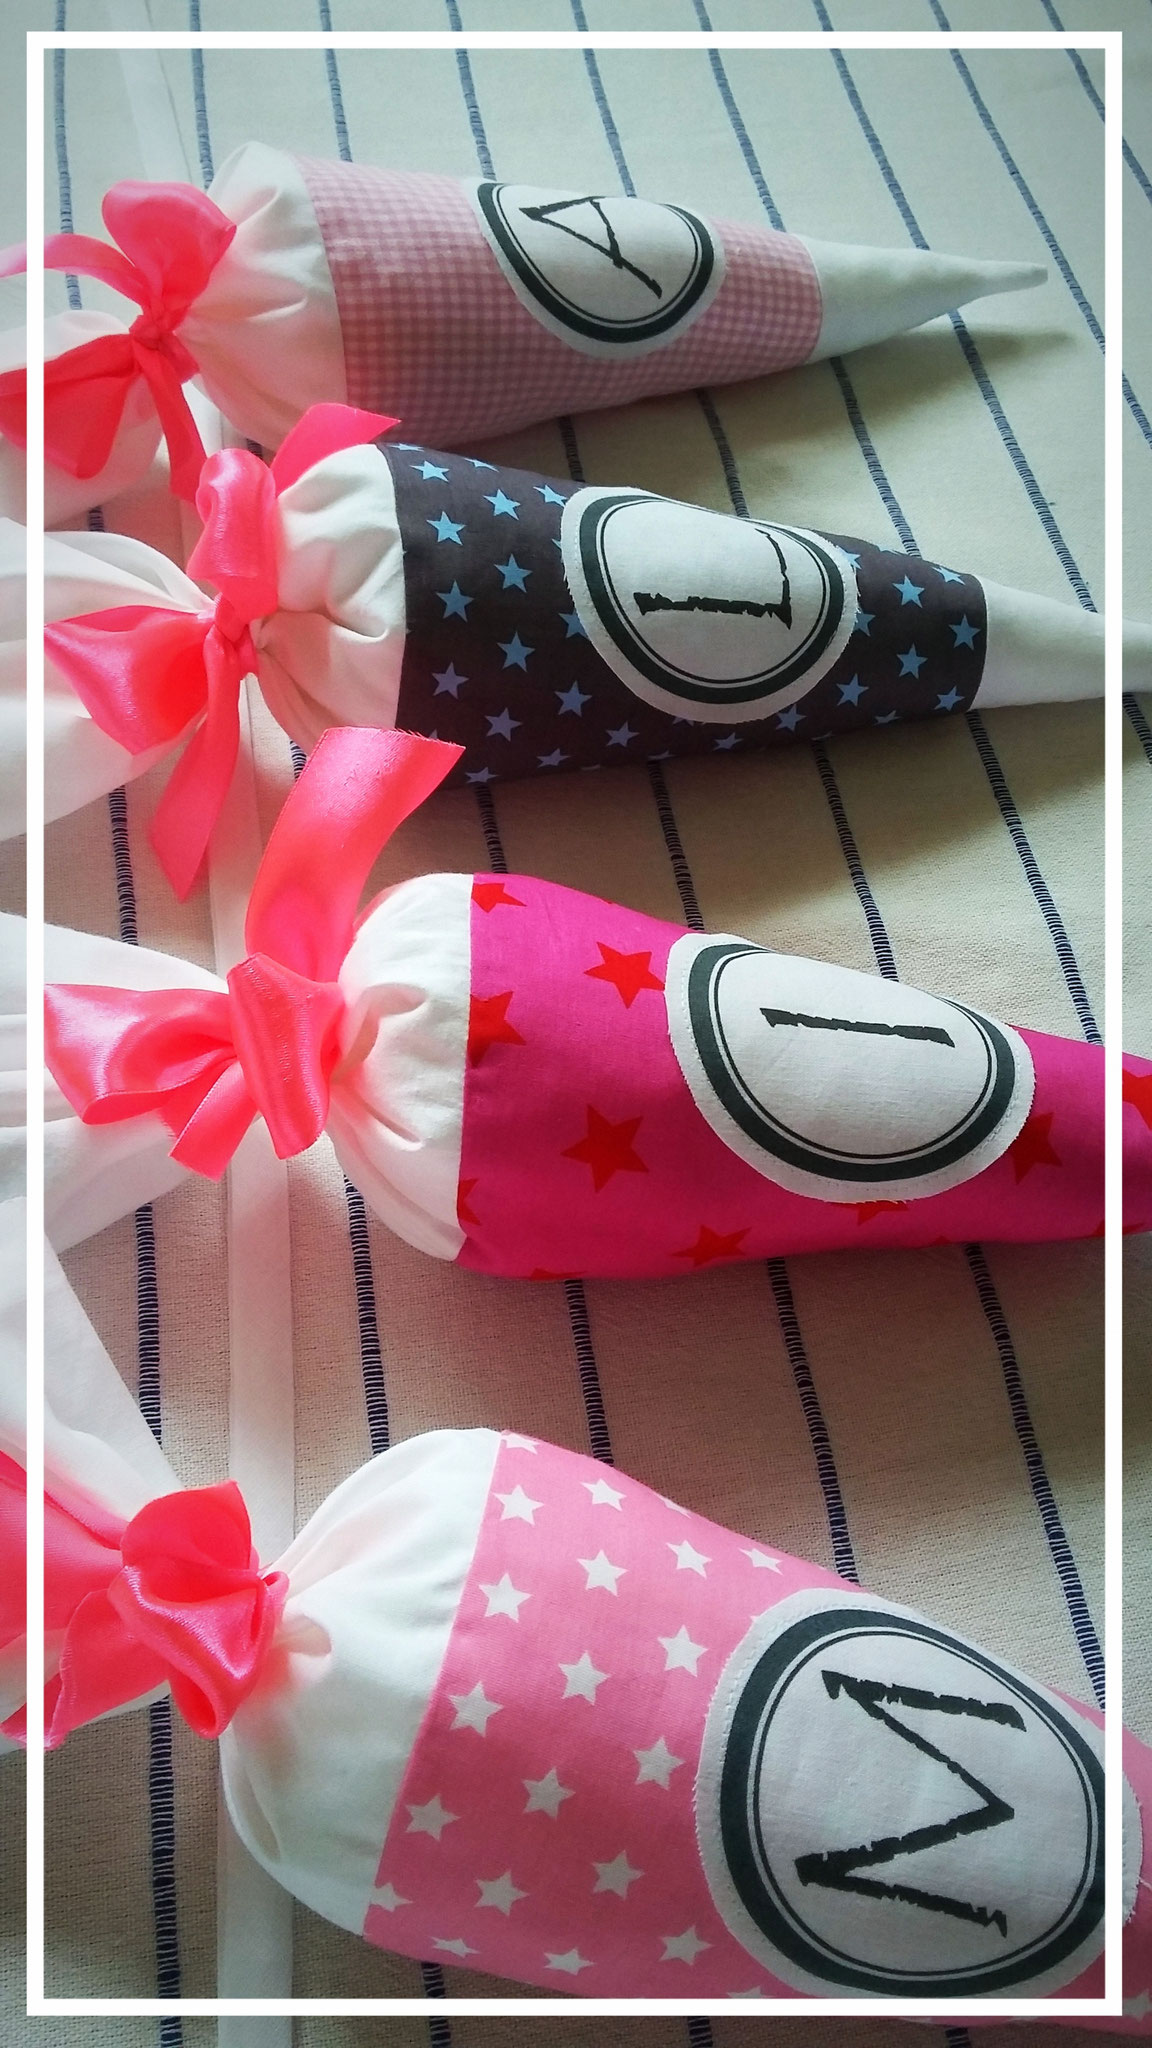 Zuckertütengirlande Mädchen, Schultütendeko, Einschulungstüte, Schultüte, Schultüten, Zuckertüte, rosa, Einschulungsparty, erster Schultag, Schulfeier